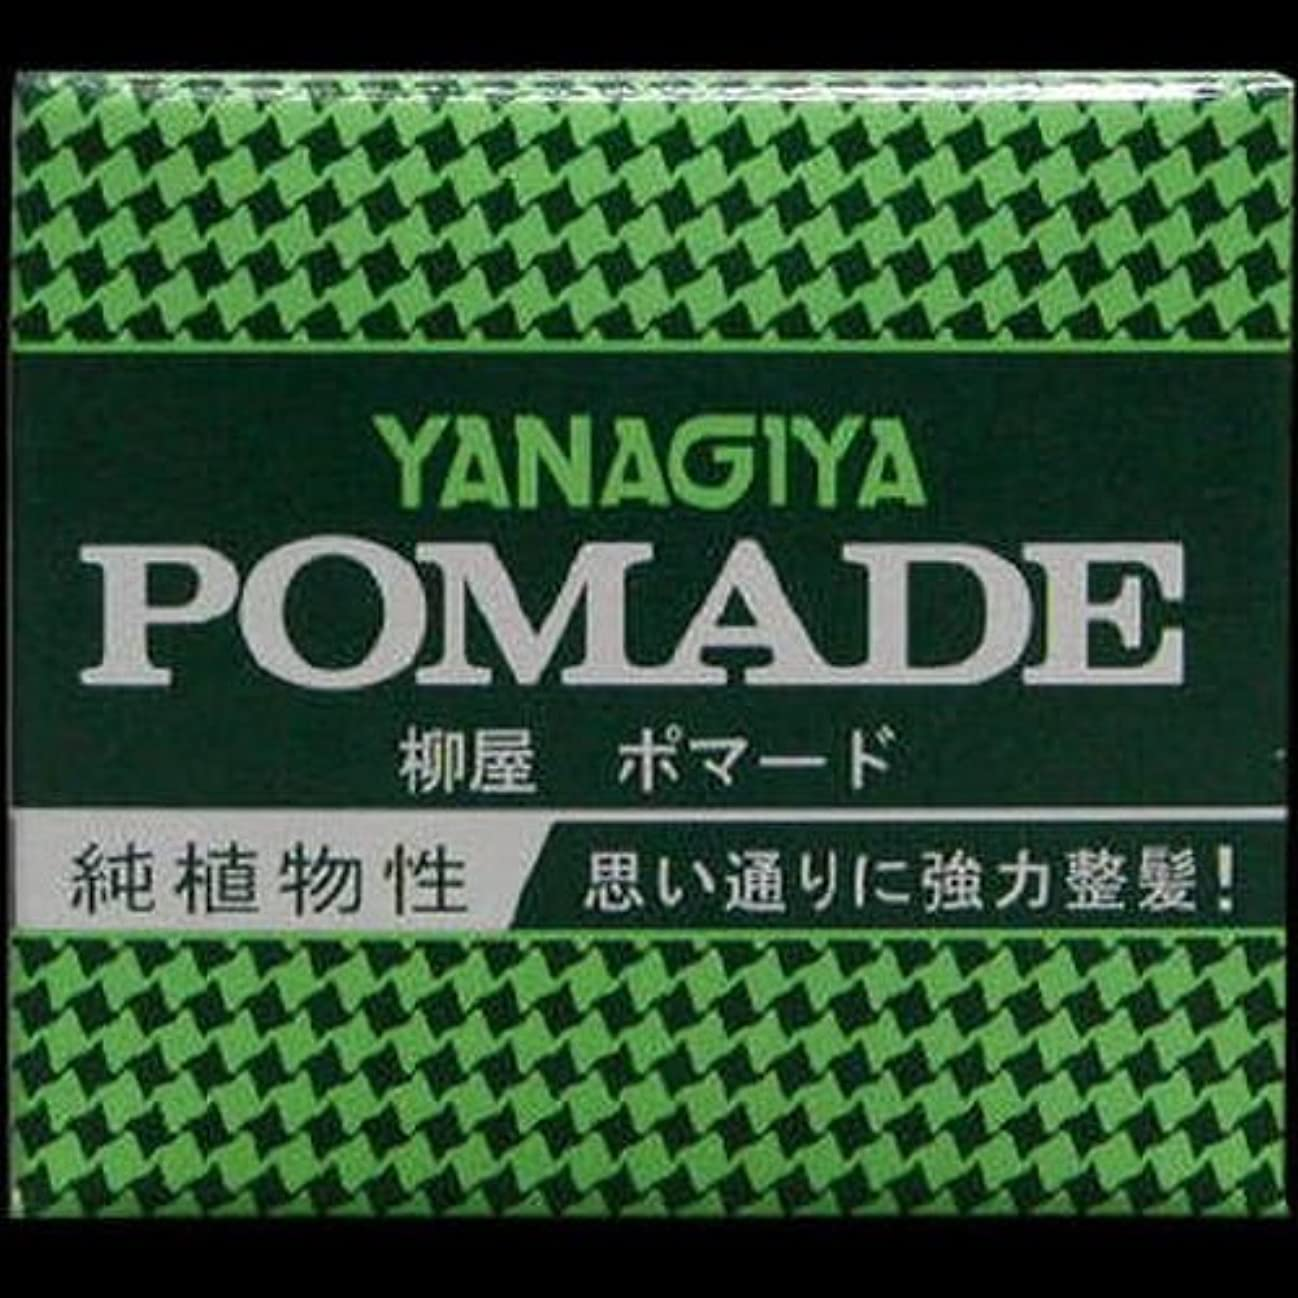 オペレーター今まで教科書【まとめ買い】柳屋 ポマード小 63g ×2セット